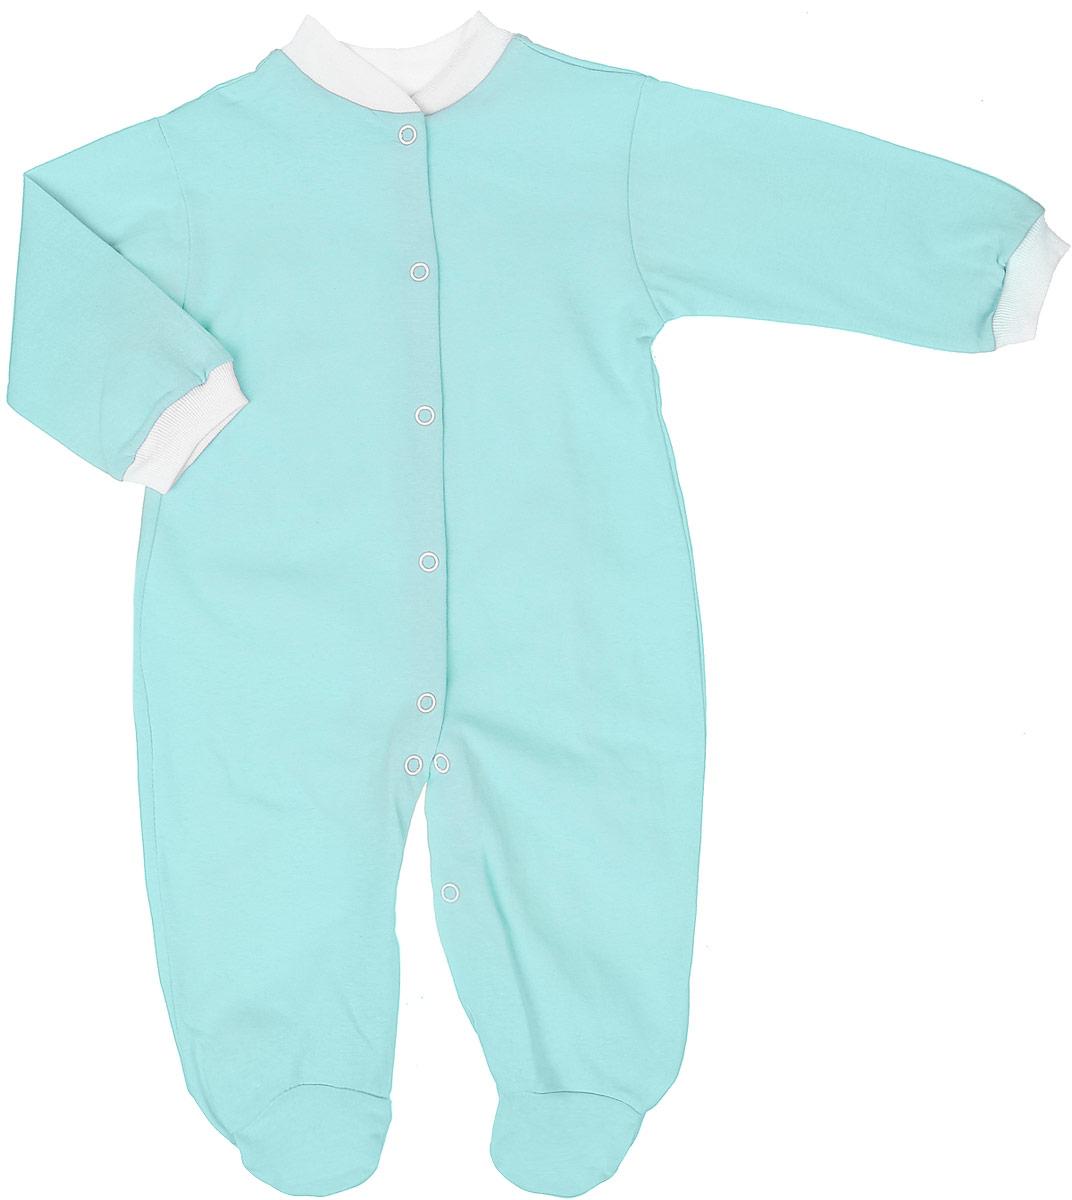 5801Удобный детский комбинезон Чудесные одежки выполнен из натурального хлопка. Комбинезон с небольшим воротничком-стойкой, длинными рукавами и закрытыми ножками имеет застежки-кнопки спереди и на ластовице, которые помогают легко переодеть младенца или сменить подгузник. Воротничок и манжеты на рукавах выполнены из трикотажной эластичной резинки. Изделие оформлено в лаконичном дизайне.